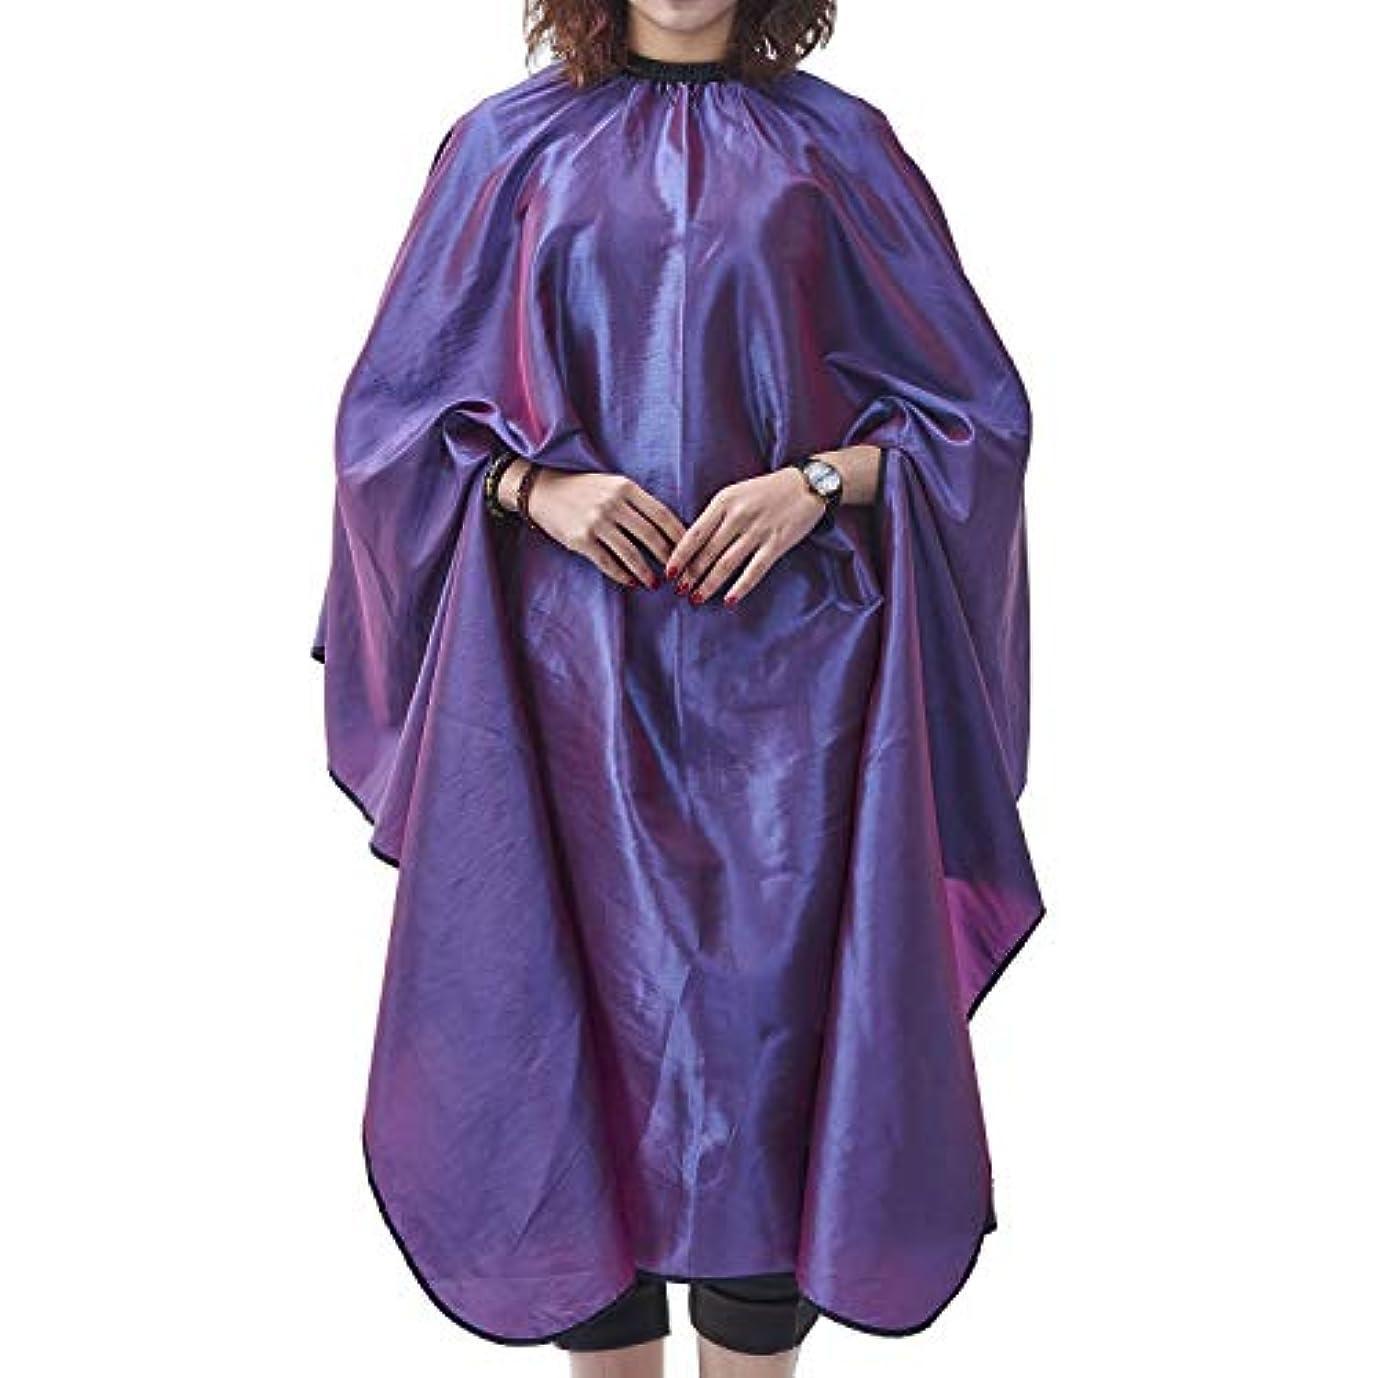 男役立つうがいHIZLJJ サロンケープエプロンバーバーシャ??ンプーオイルスタイリングヘアカット美容師職業理髪店用品よだれかけ (Color : Purple)